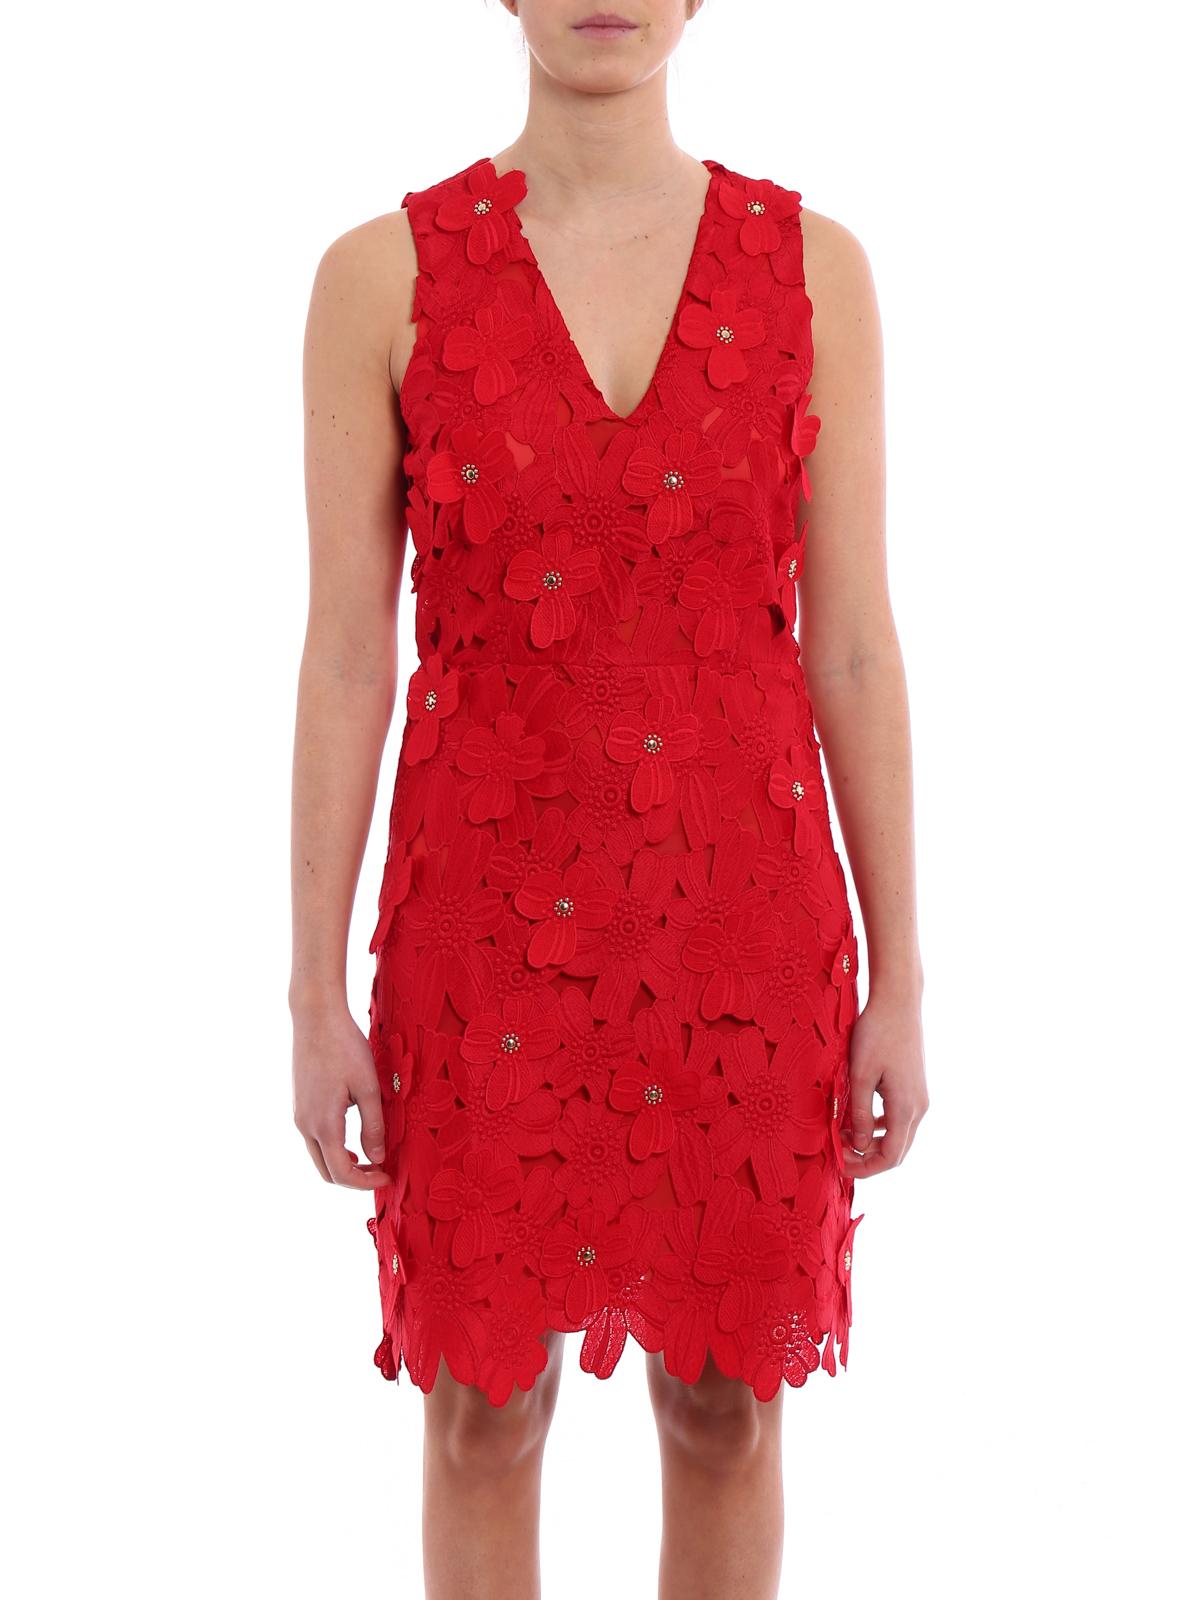 iKRIX MICHAEL KORS  cocktail dresses - Floral applique lace dress 2eac94b8d0